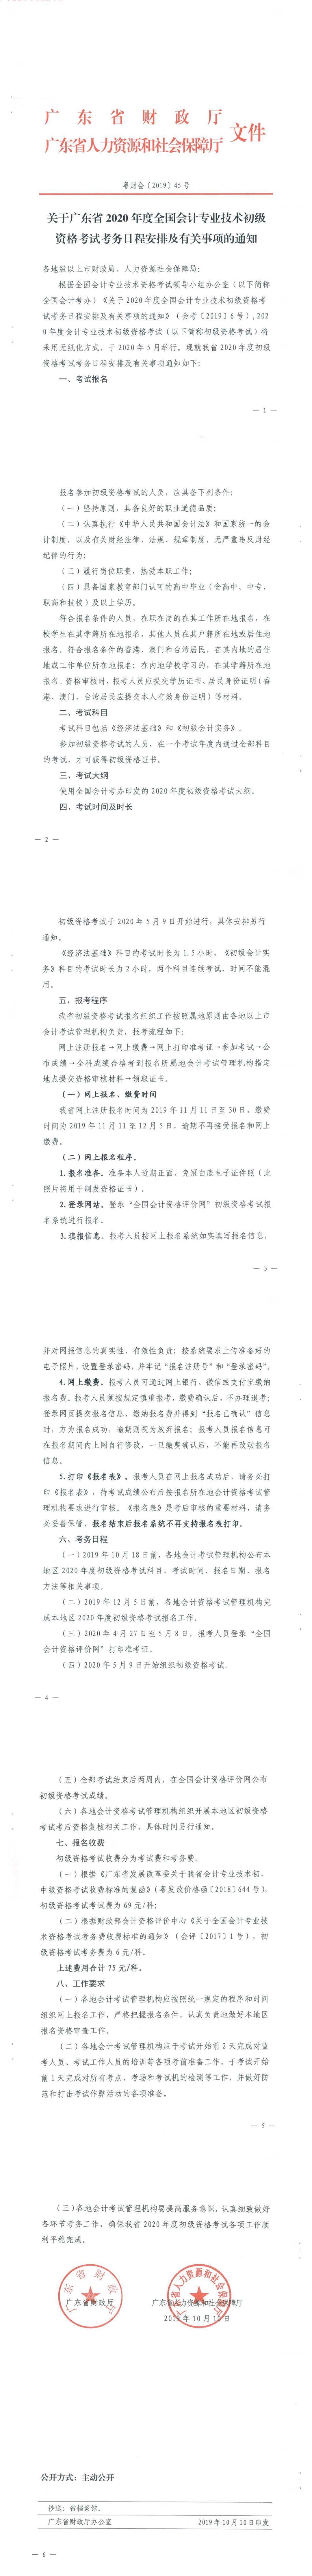 2020年廣東省初級會計職稱考試考務日程安排及有關事項的通知